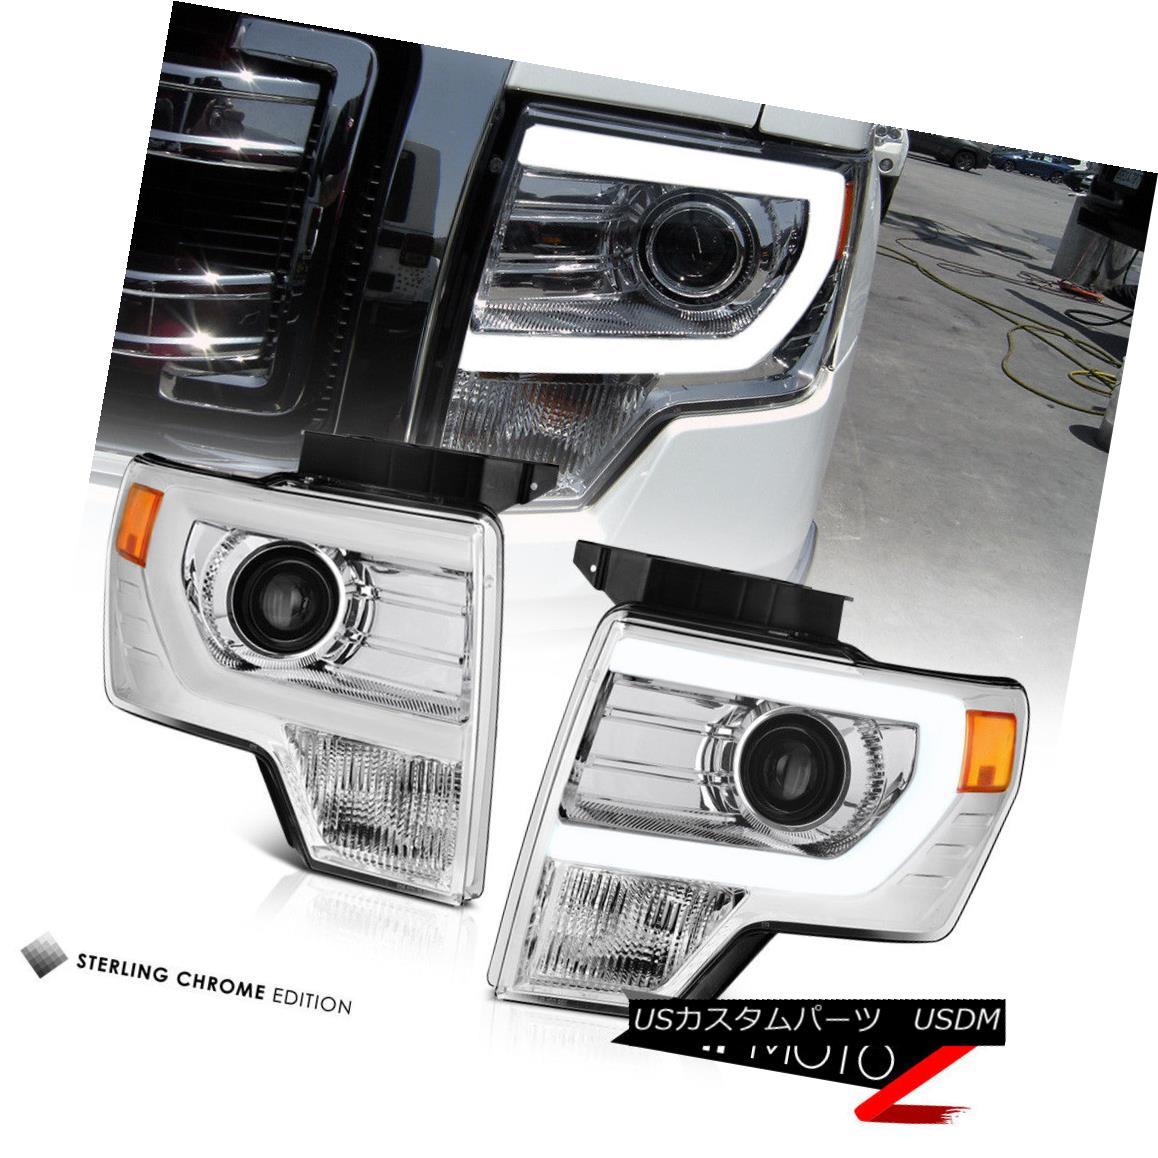 ヘッドライト [CHROME] 2009-2014 Ford F150 Plasma LED Tube Projector Headlights Left+Right SET [CHROME] 2009-2014 Ford F150プラズマチューブLEDプロジェクターヘッドライト左右セット